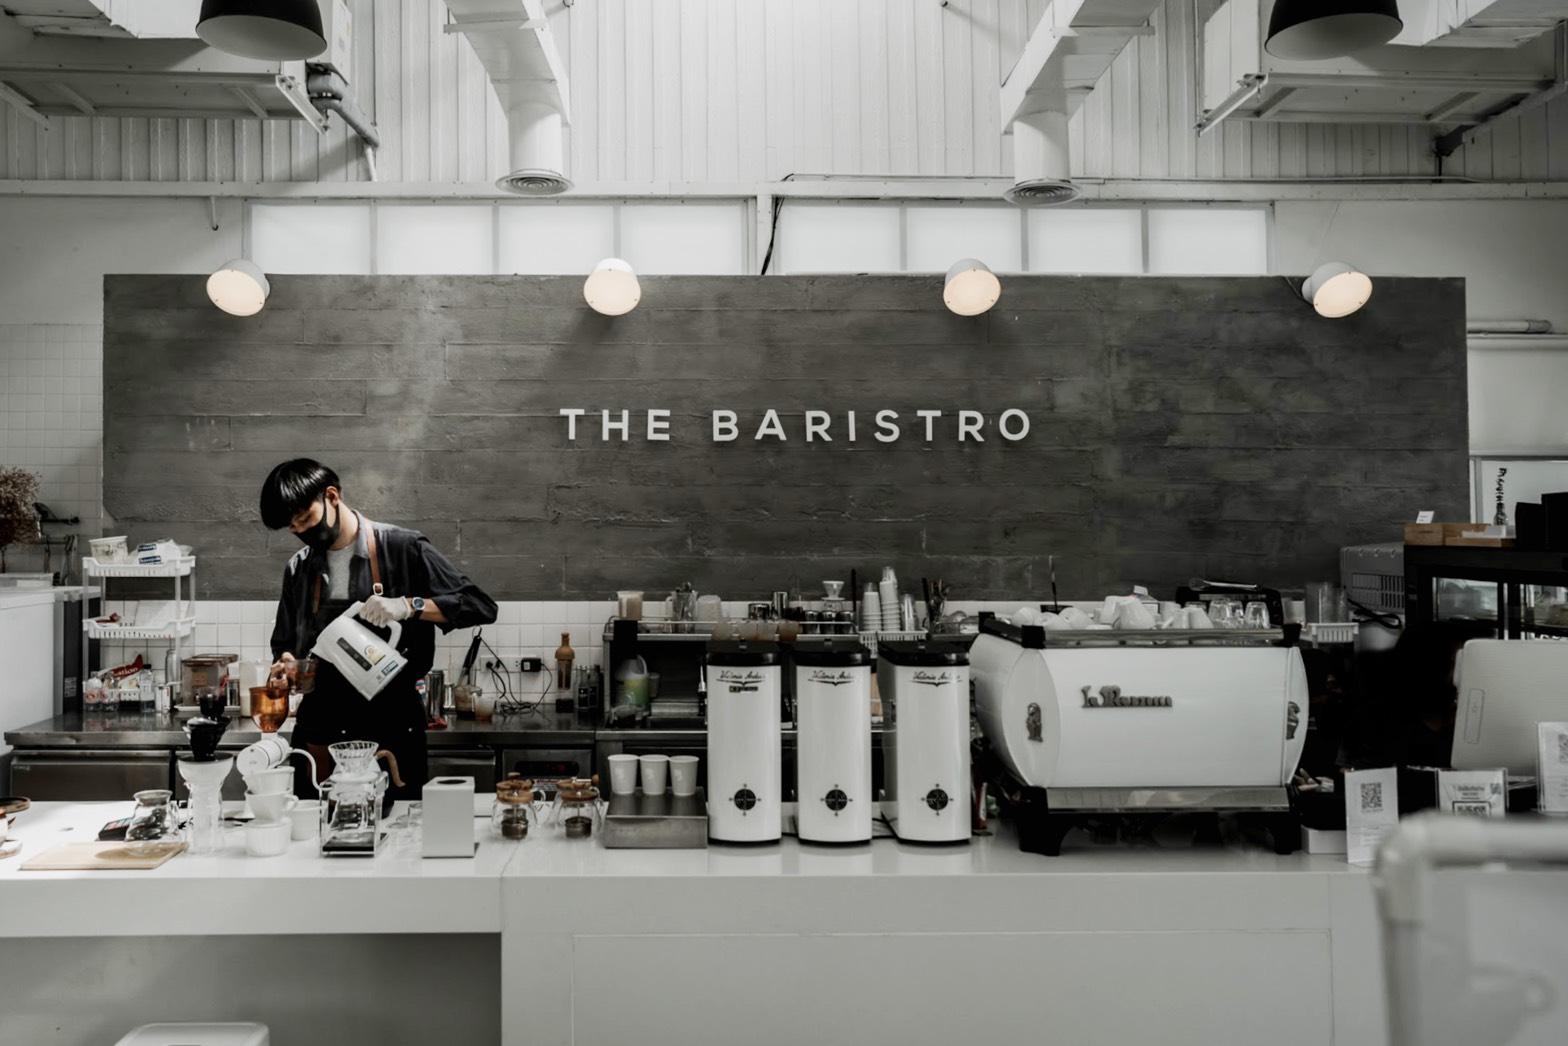 The Baristro At Sriracha